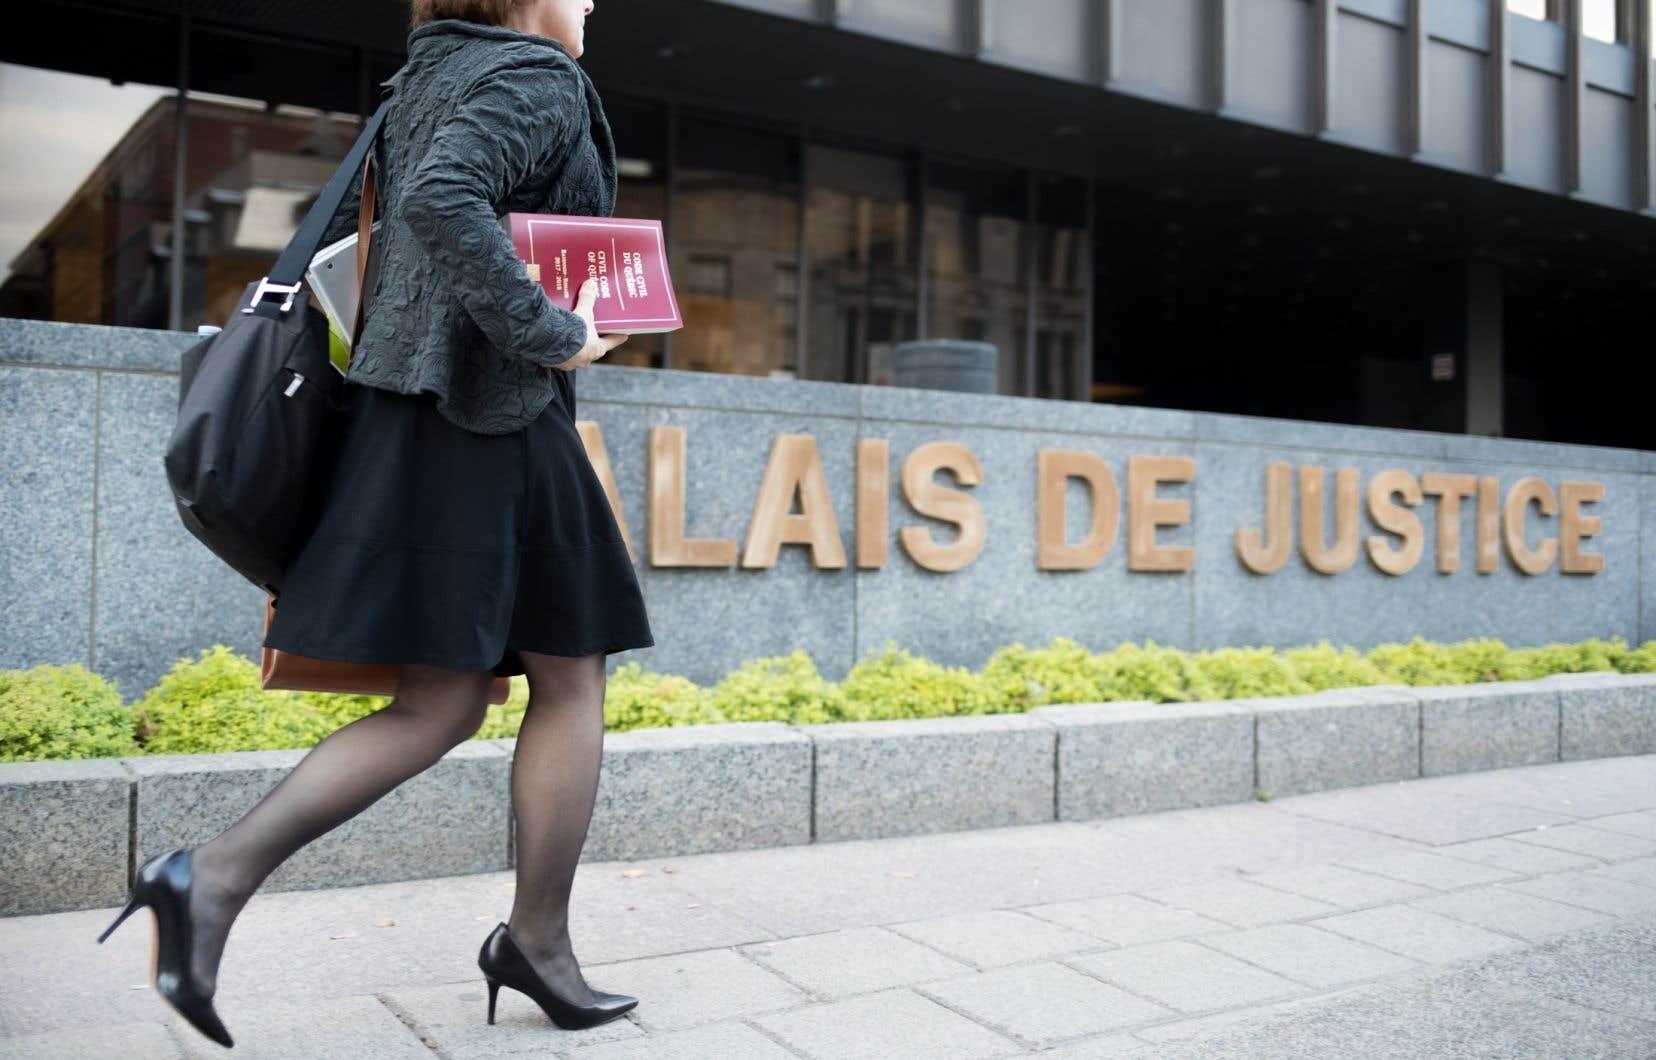 «Le système judiciaire, tel qu'il est conçu actuellement, permet rarement d'arriver à un verdict de culpabilité dans les cas d'agression à caractère sexuel», écrit l'autrice.